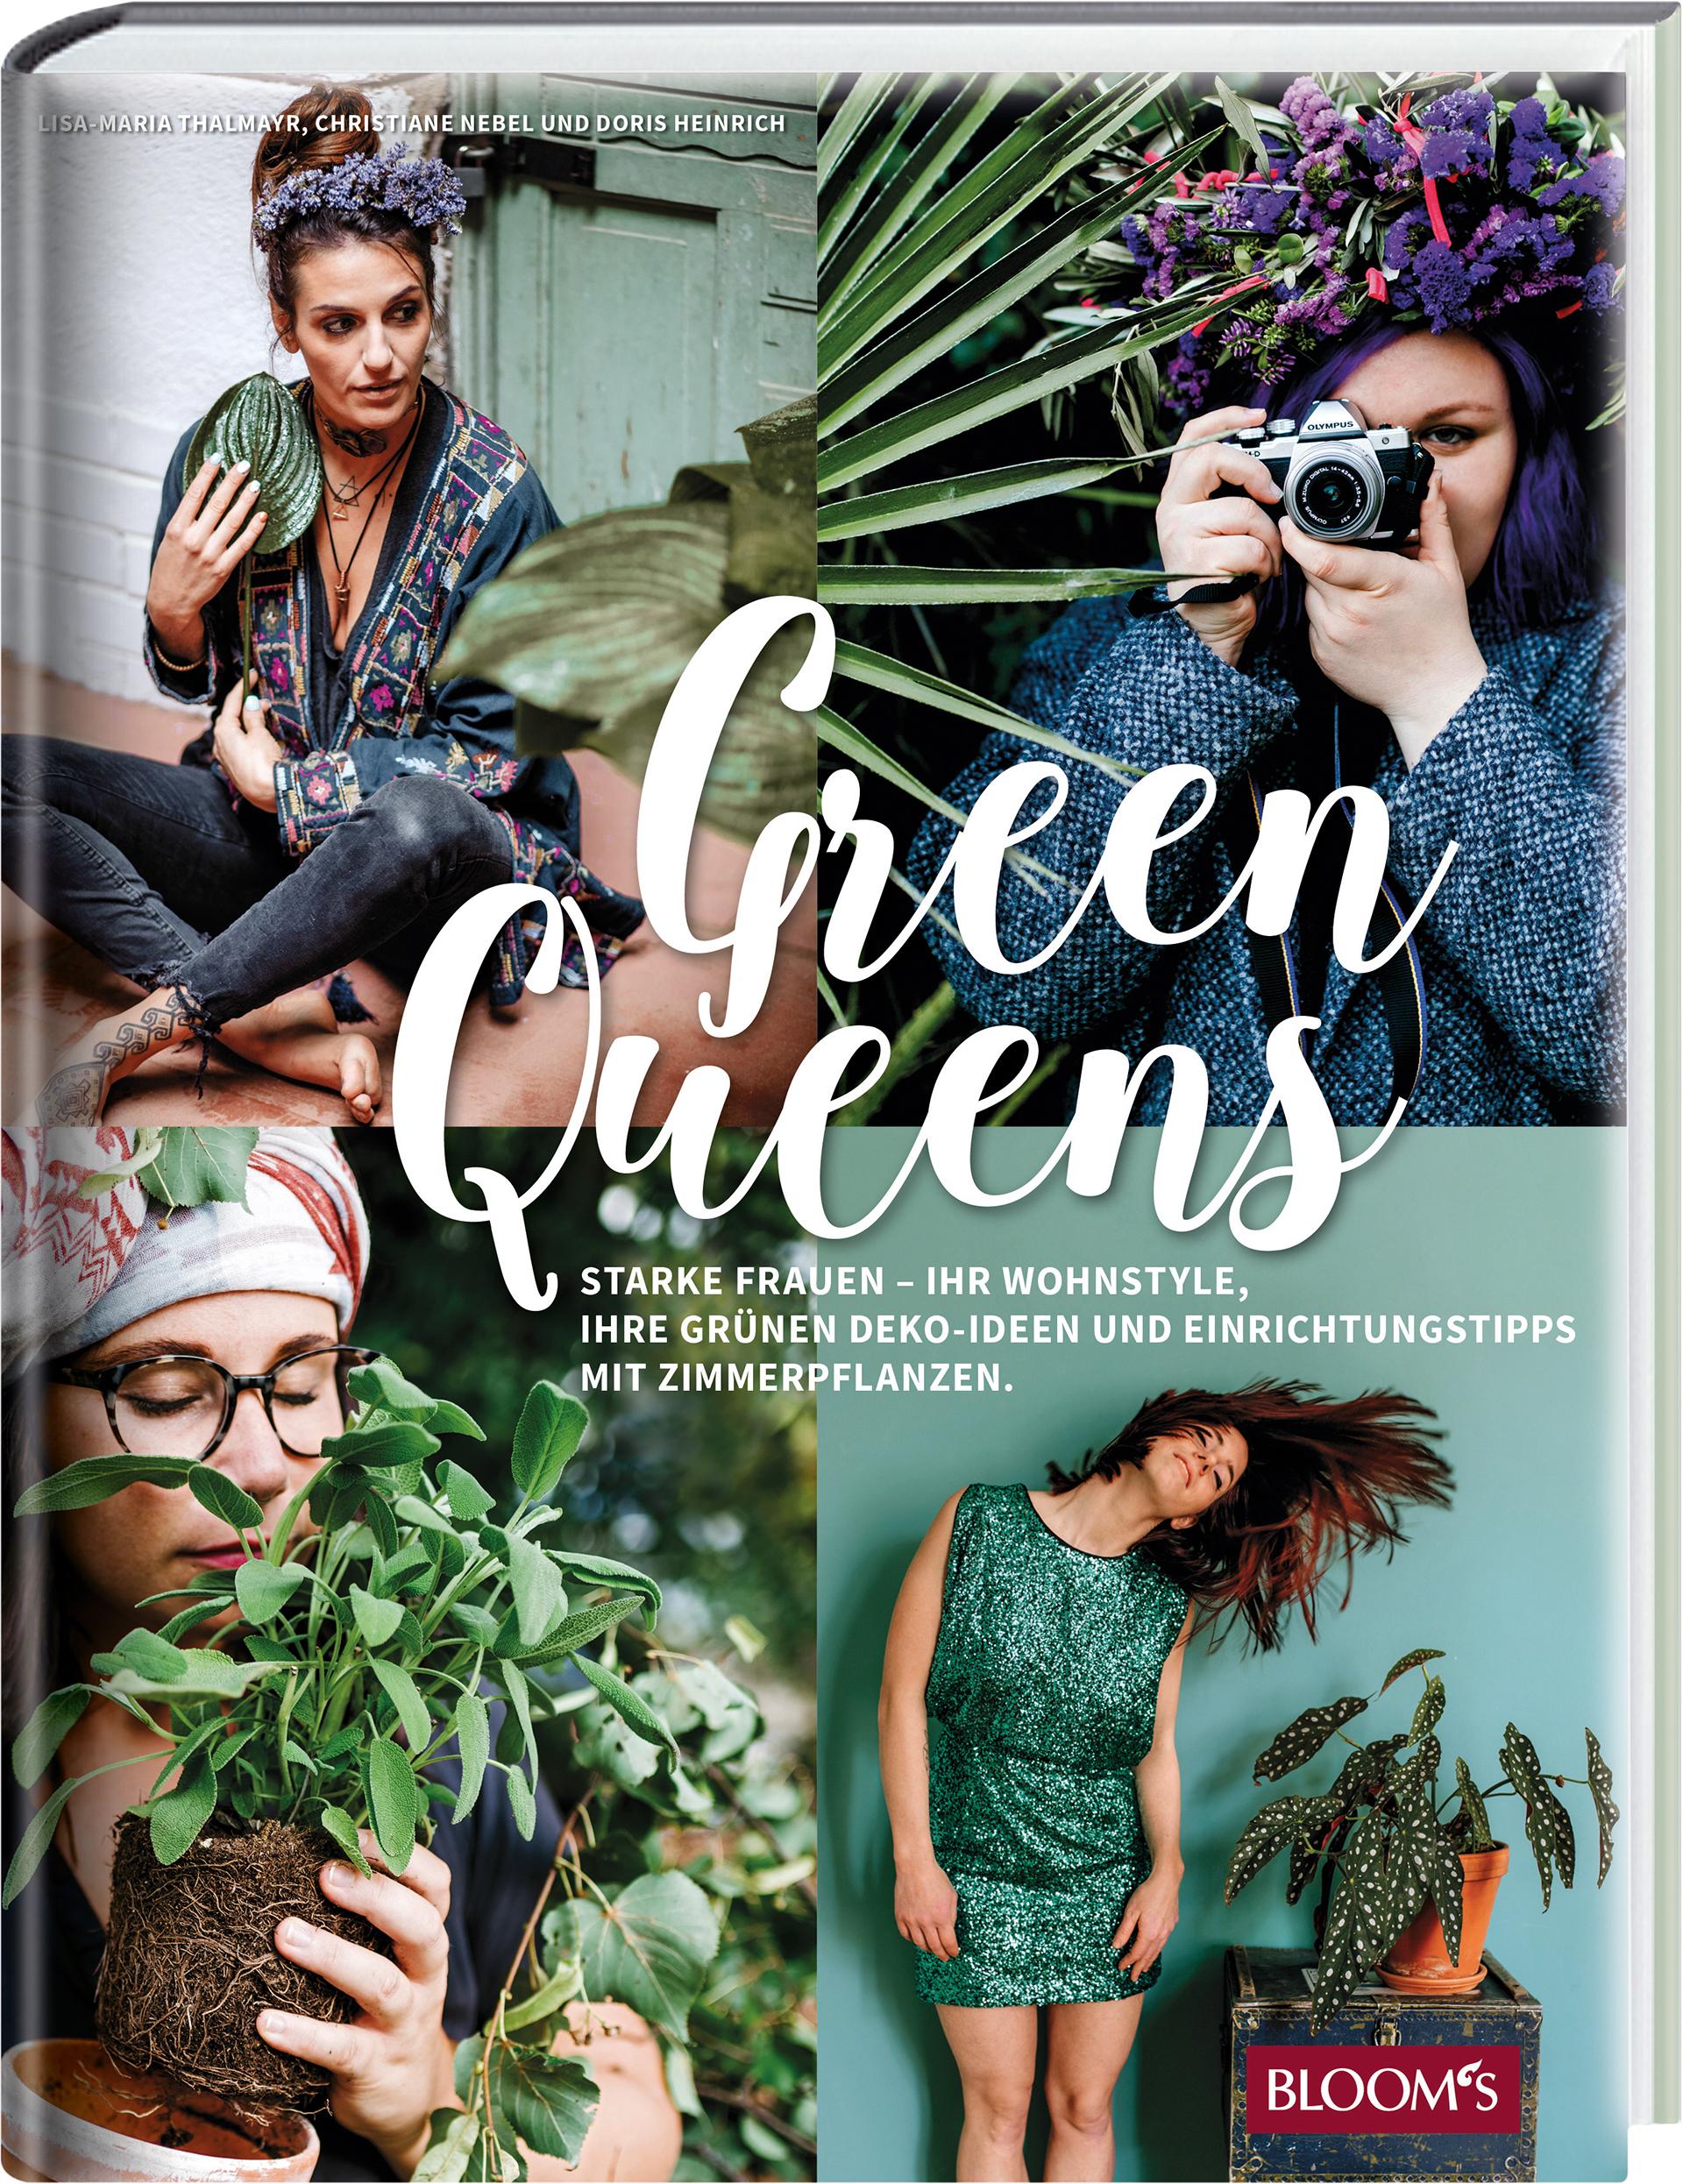 Green Queens. Starke Frauen - ihr Wohnstyle, ihre grünen Deko-Ideen und Einrichtungstipps mit Zimmerpflanzen.